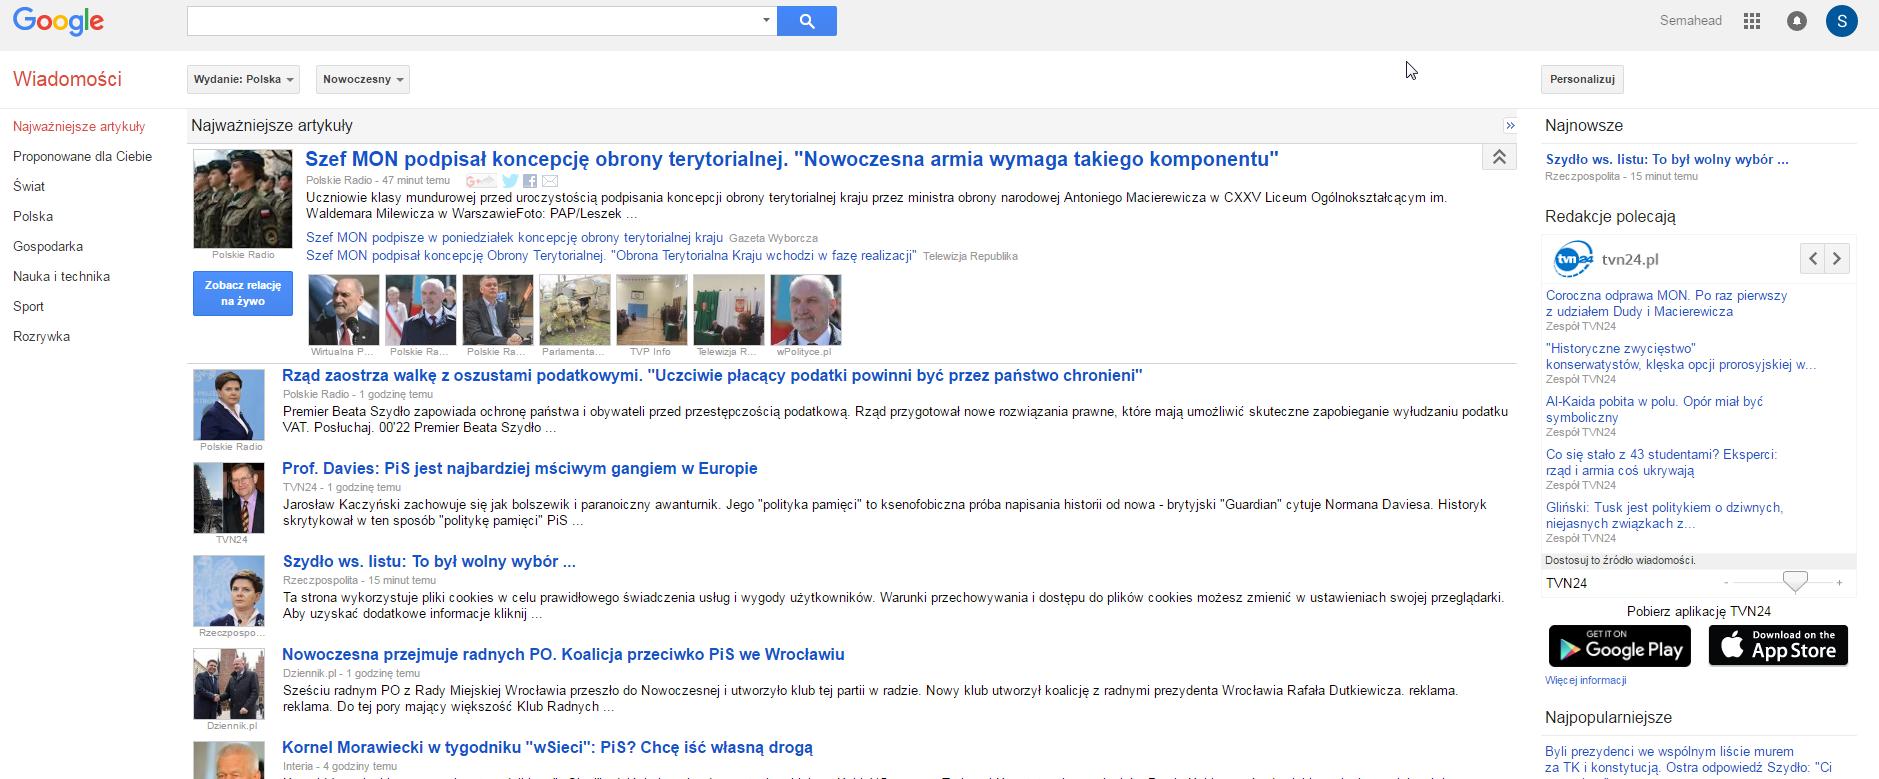 Strona główna Google News popolsku